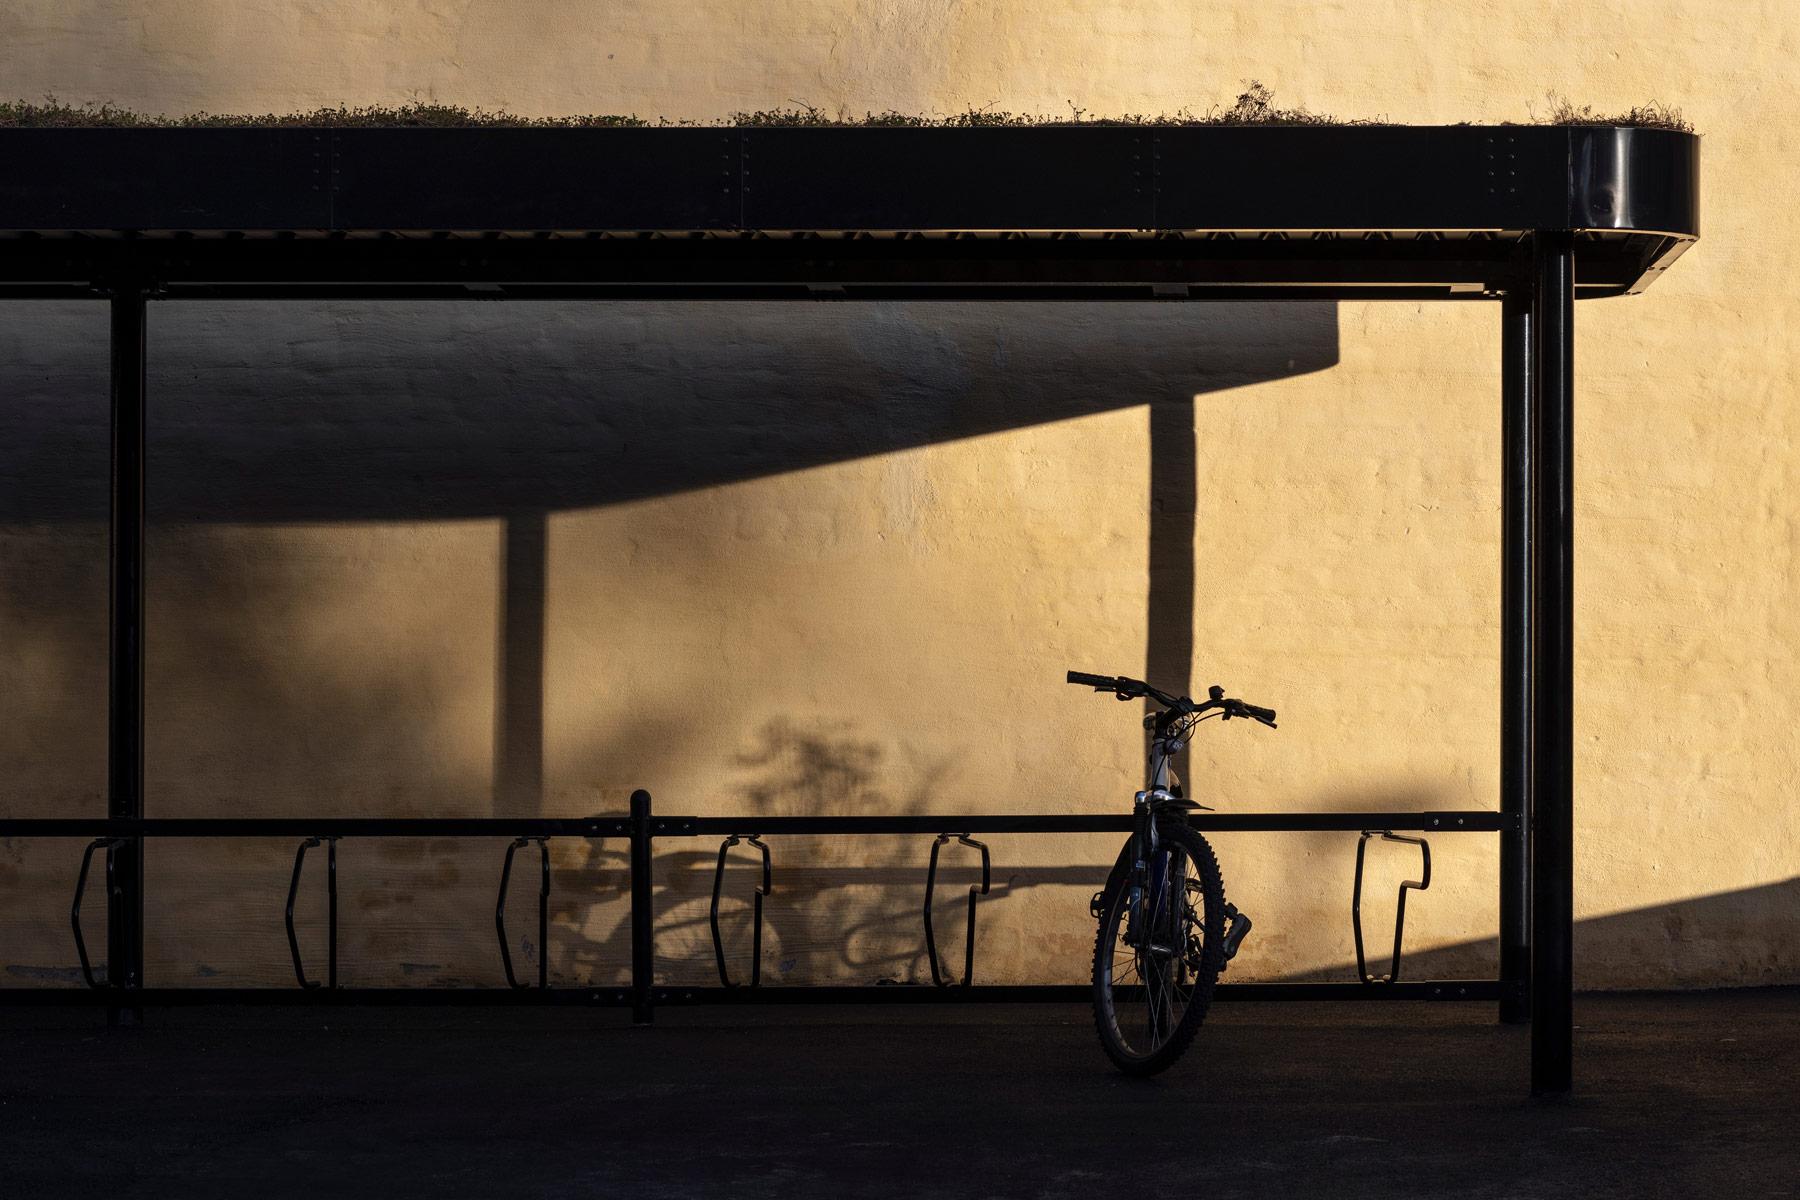 Cykeltak i skymning med cykel parkerad i cykelställ